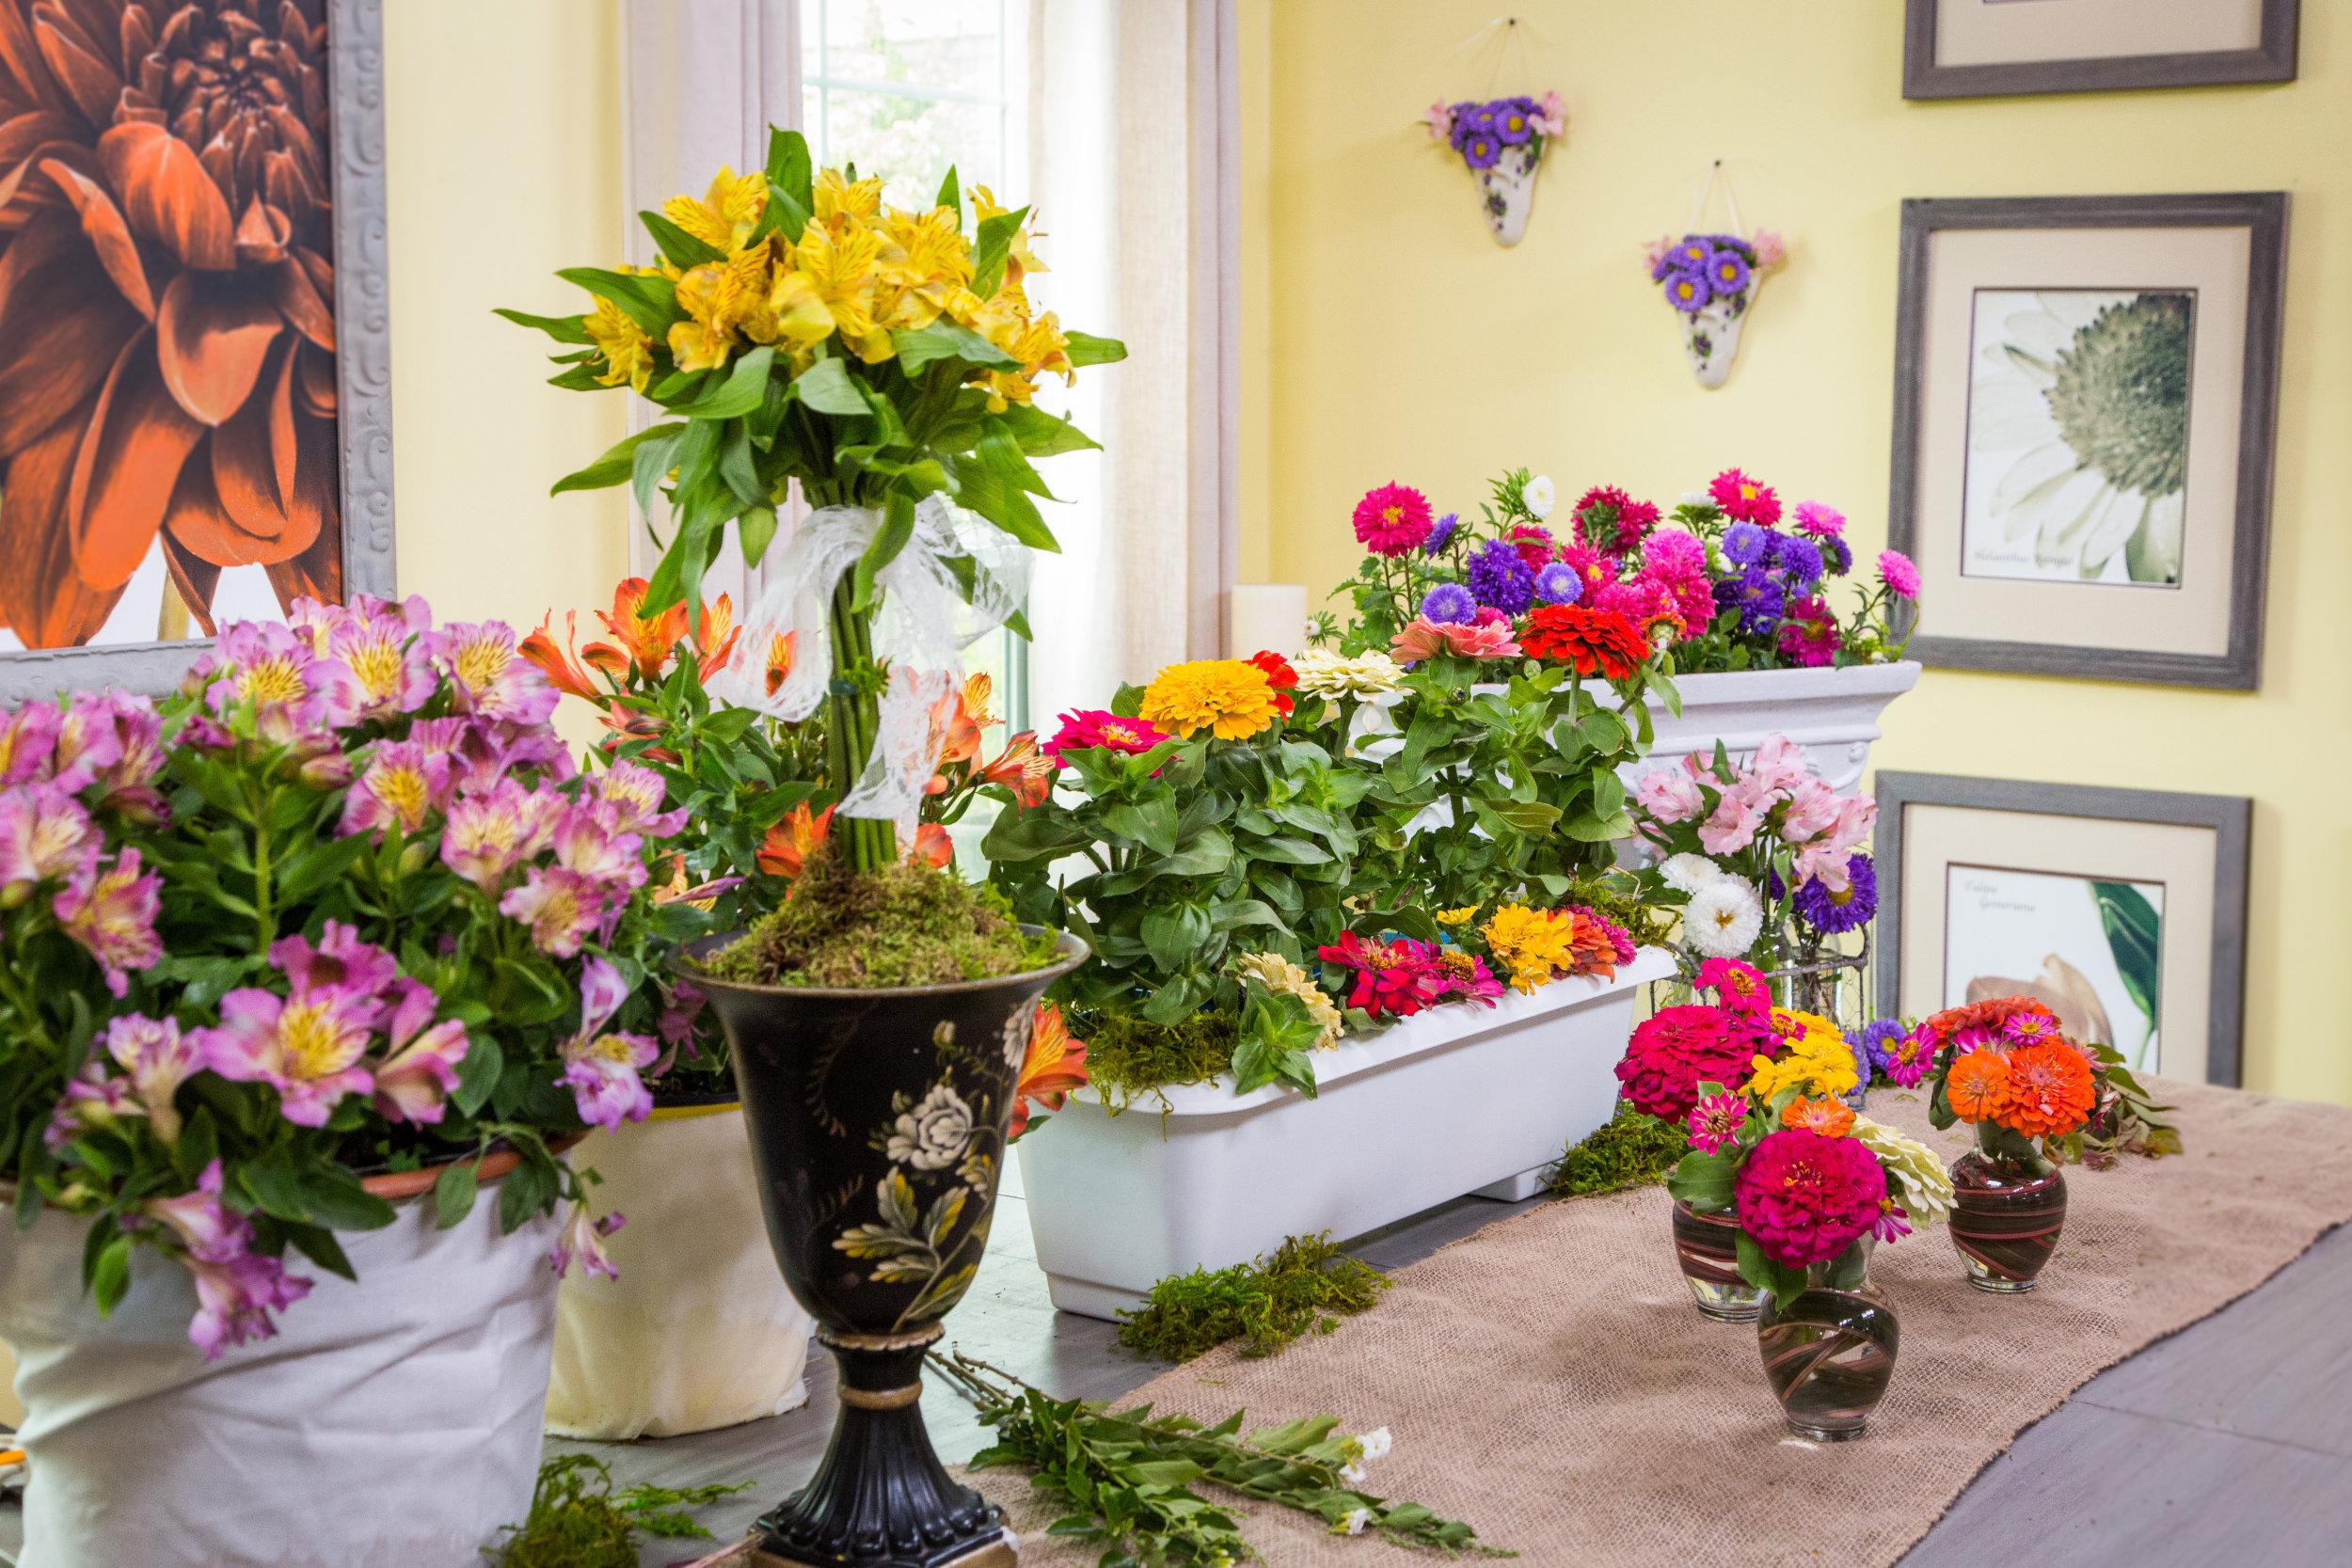 Shirleys DIY Home Flower Cutting Garden